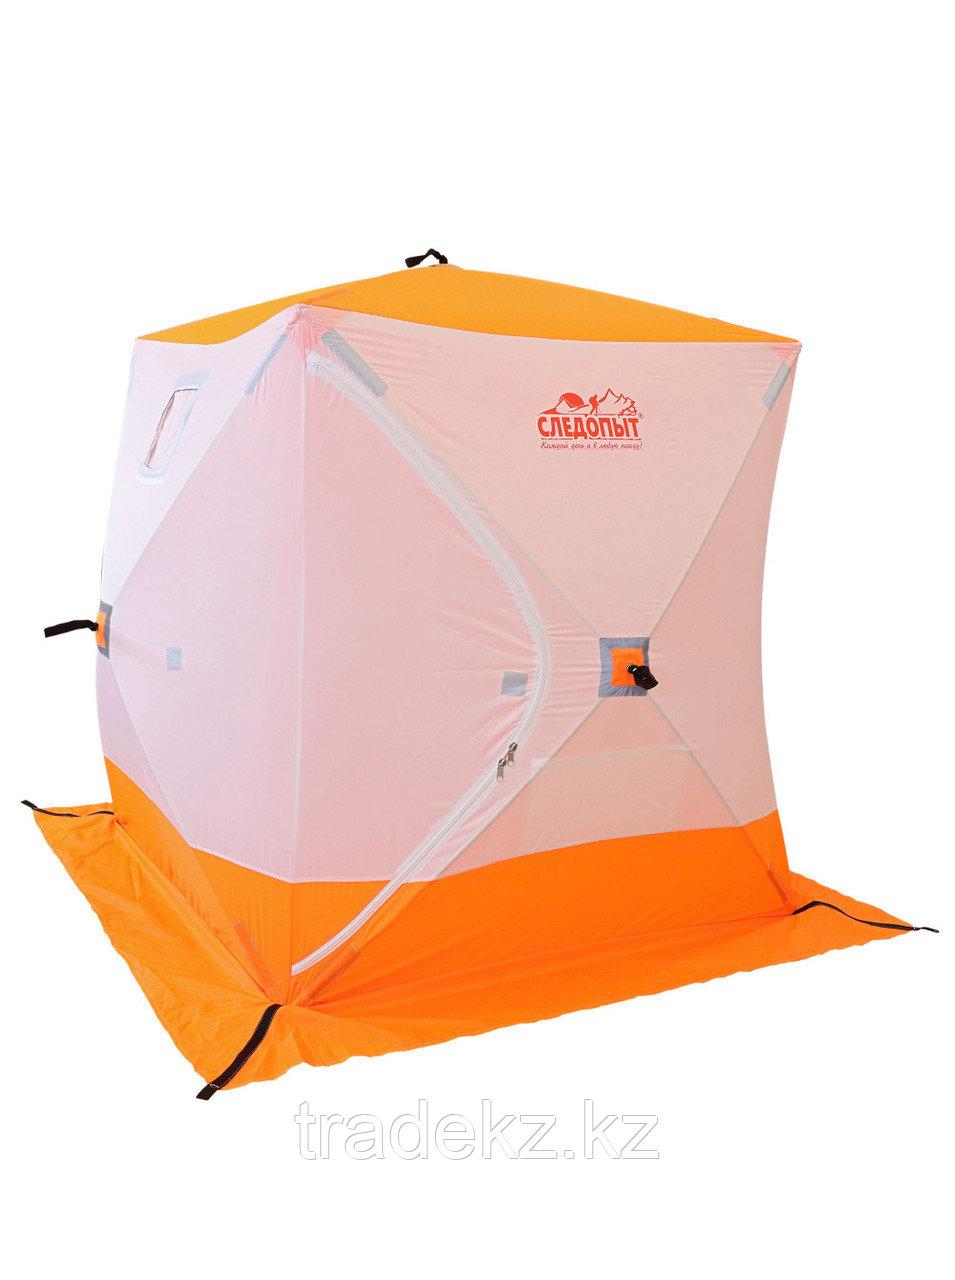 Палатка для зимней рыбалки PF-TW-06 куб СЛЕДОПЫТ 2,1 х 2,1 м